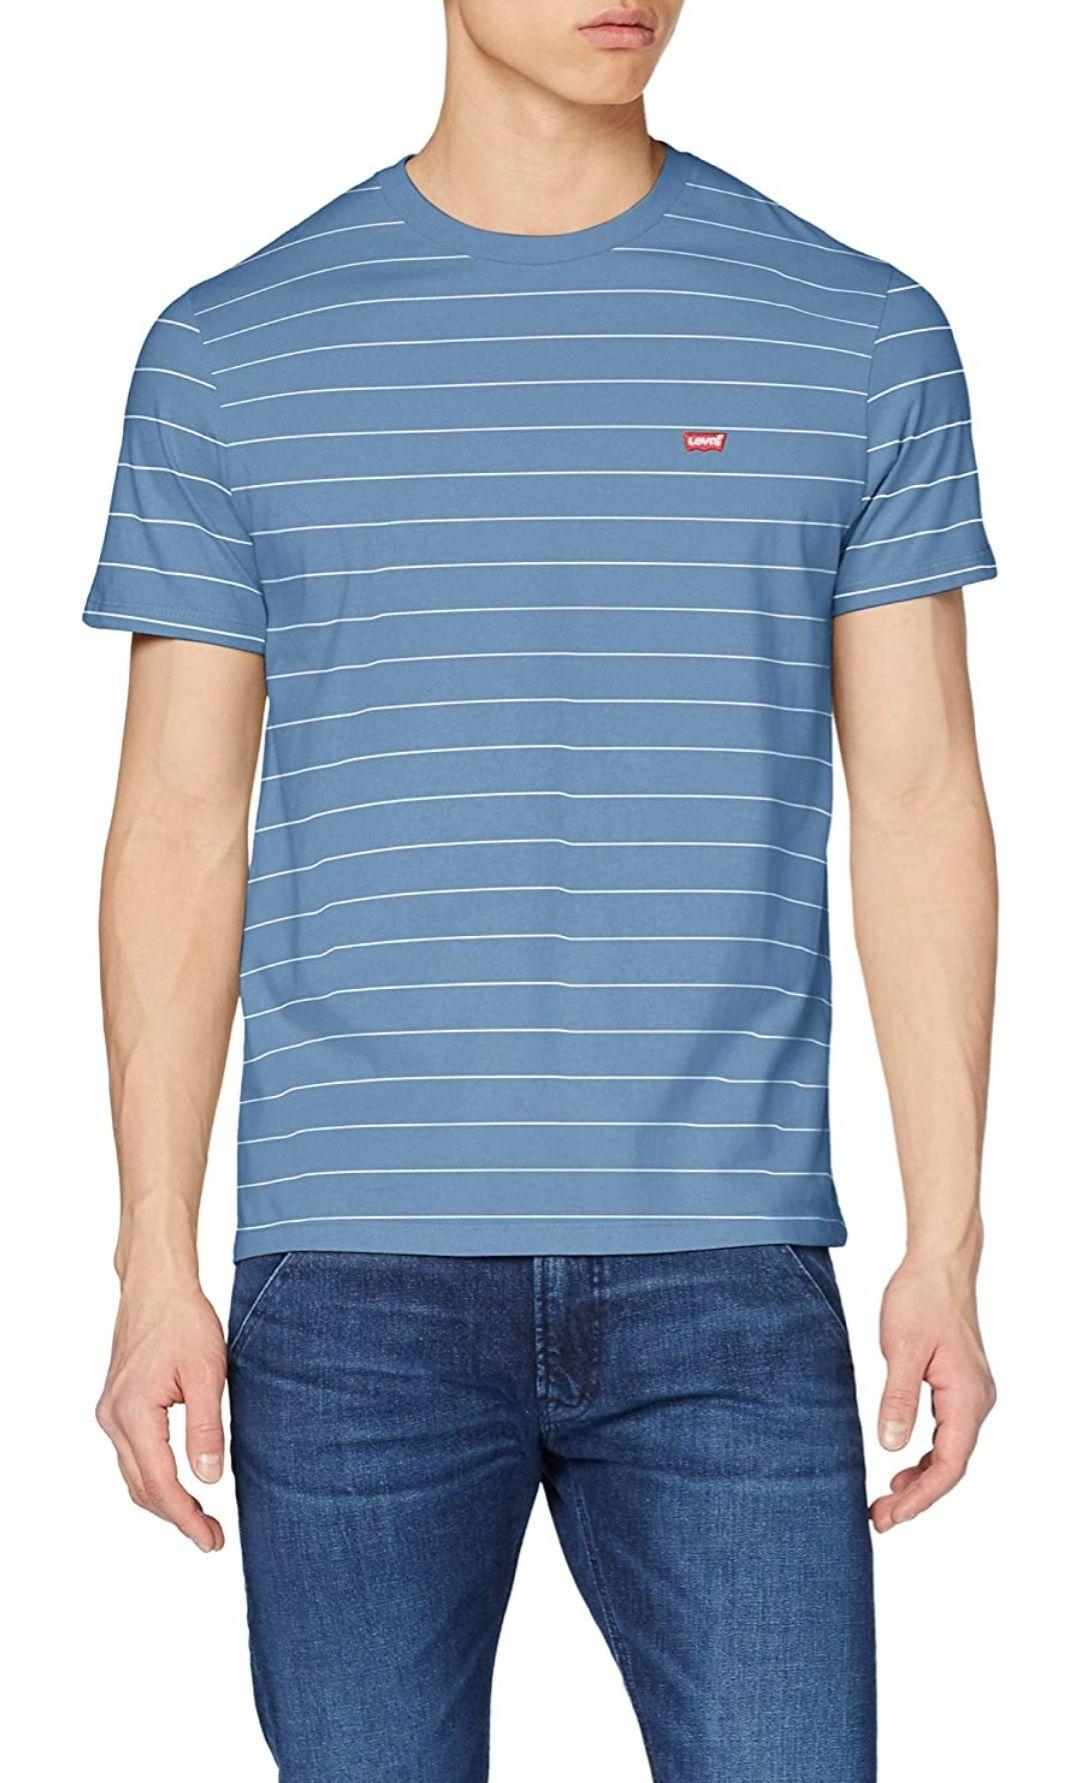 Camiseta Levis tee. Todas las tallas